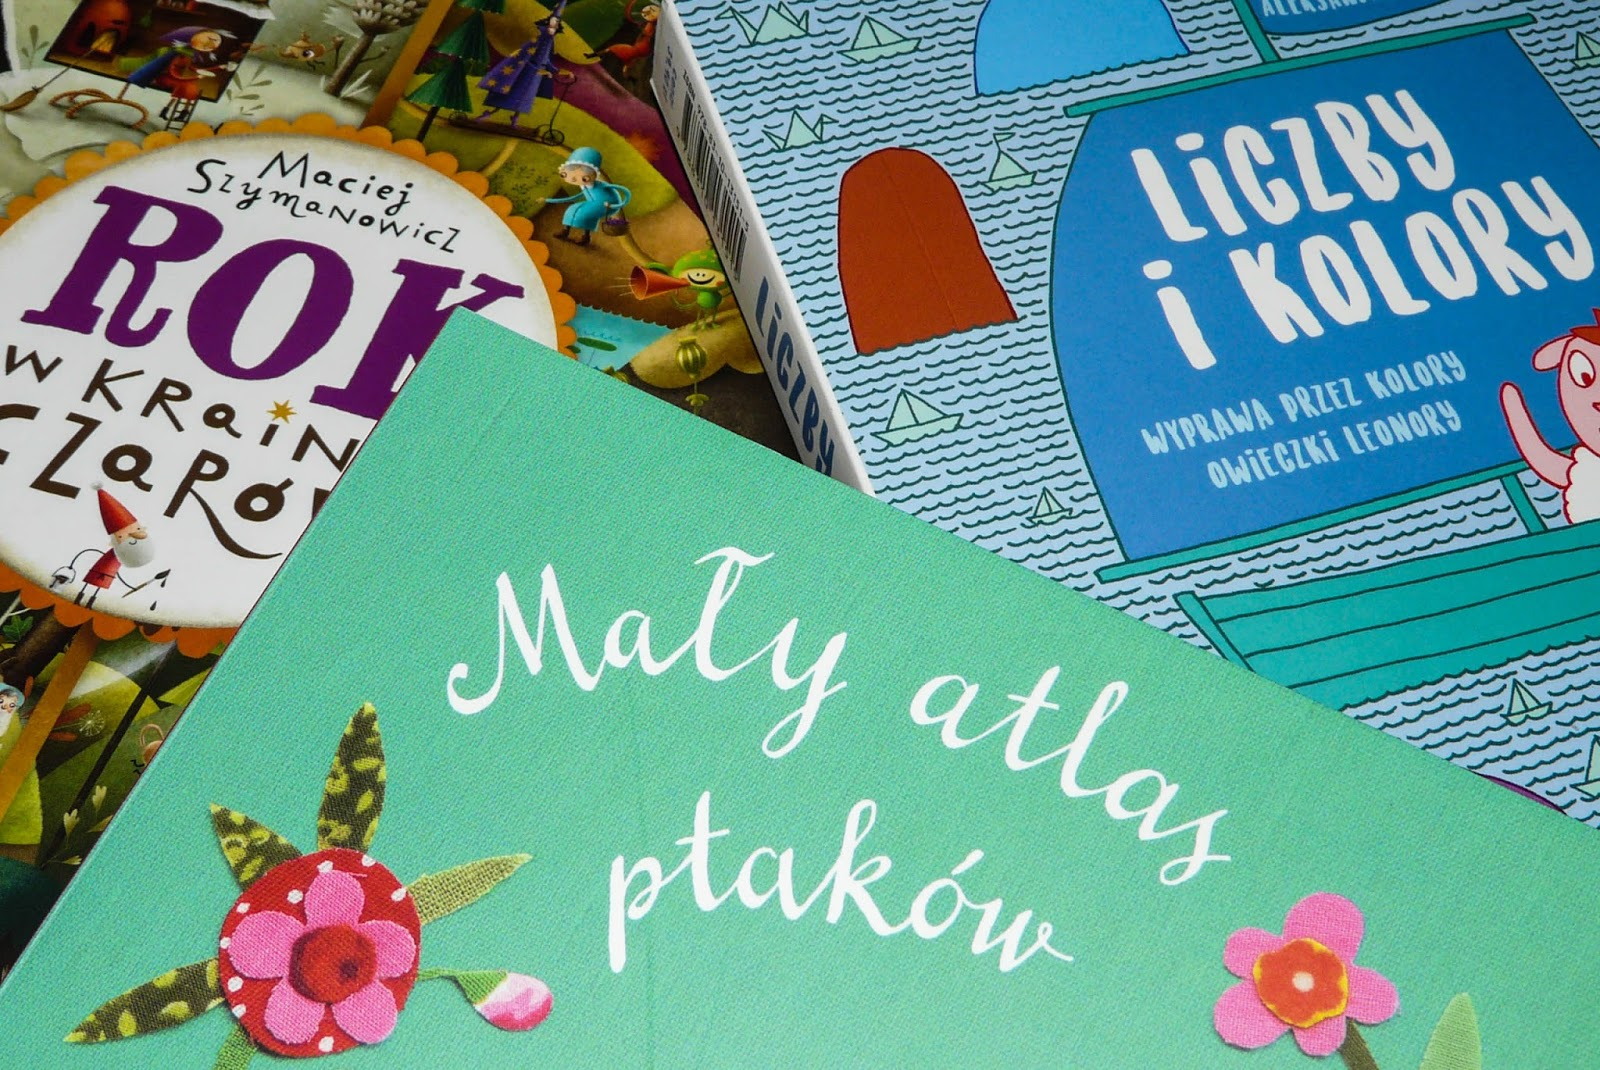 książki dla dzieci, książki kartonowe, jakie książki czytać dzieciom, książeczki dla malucha